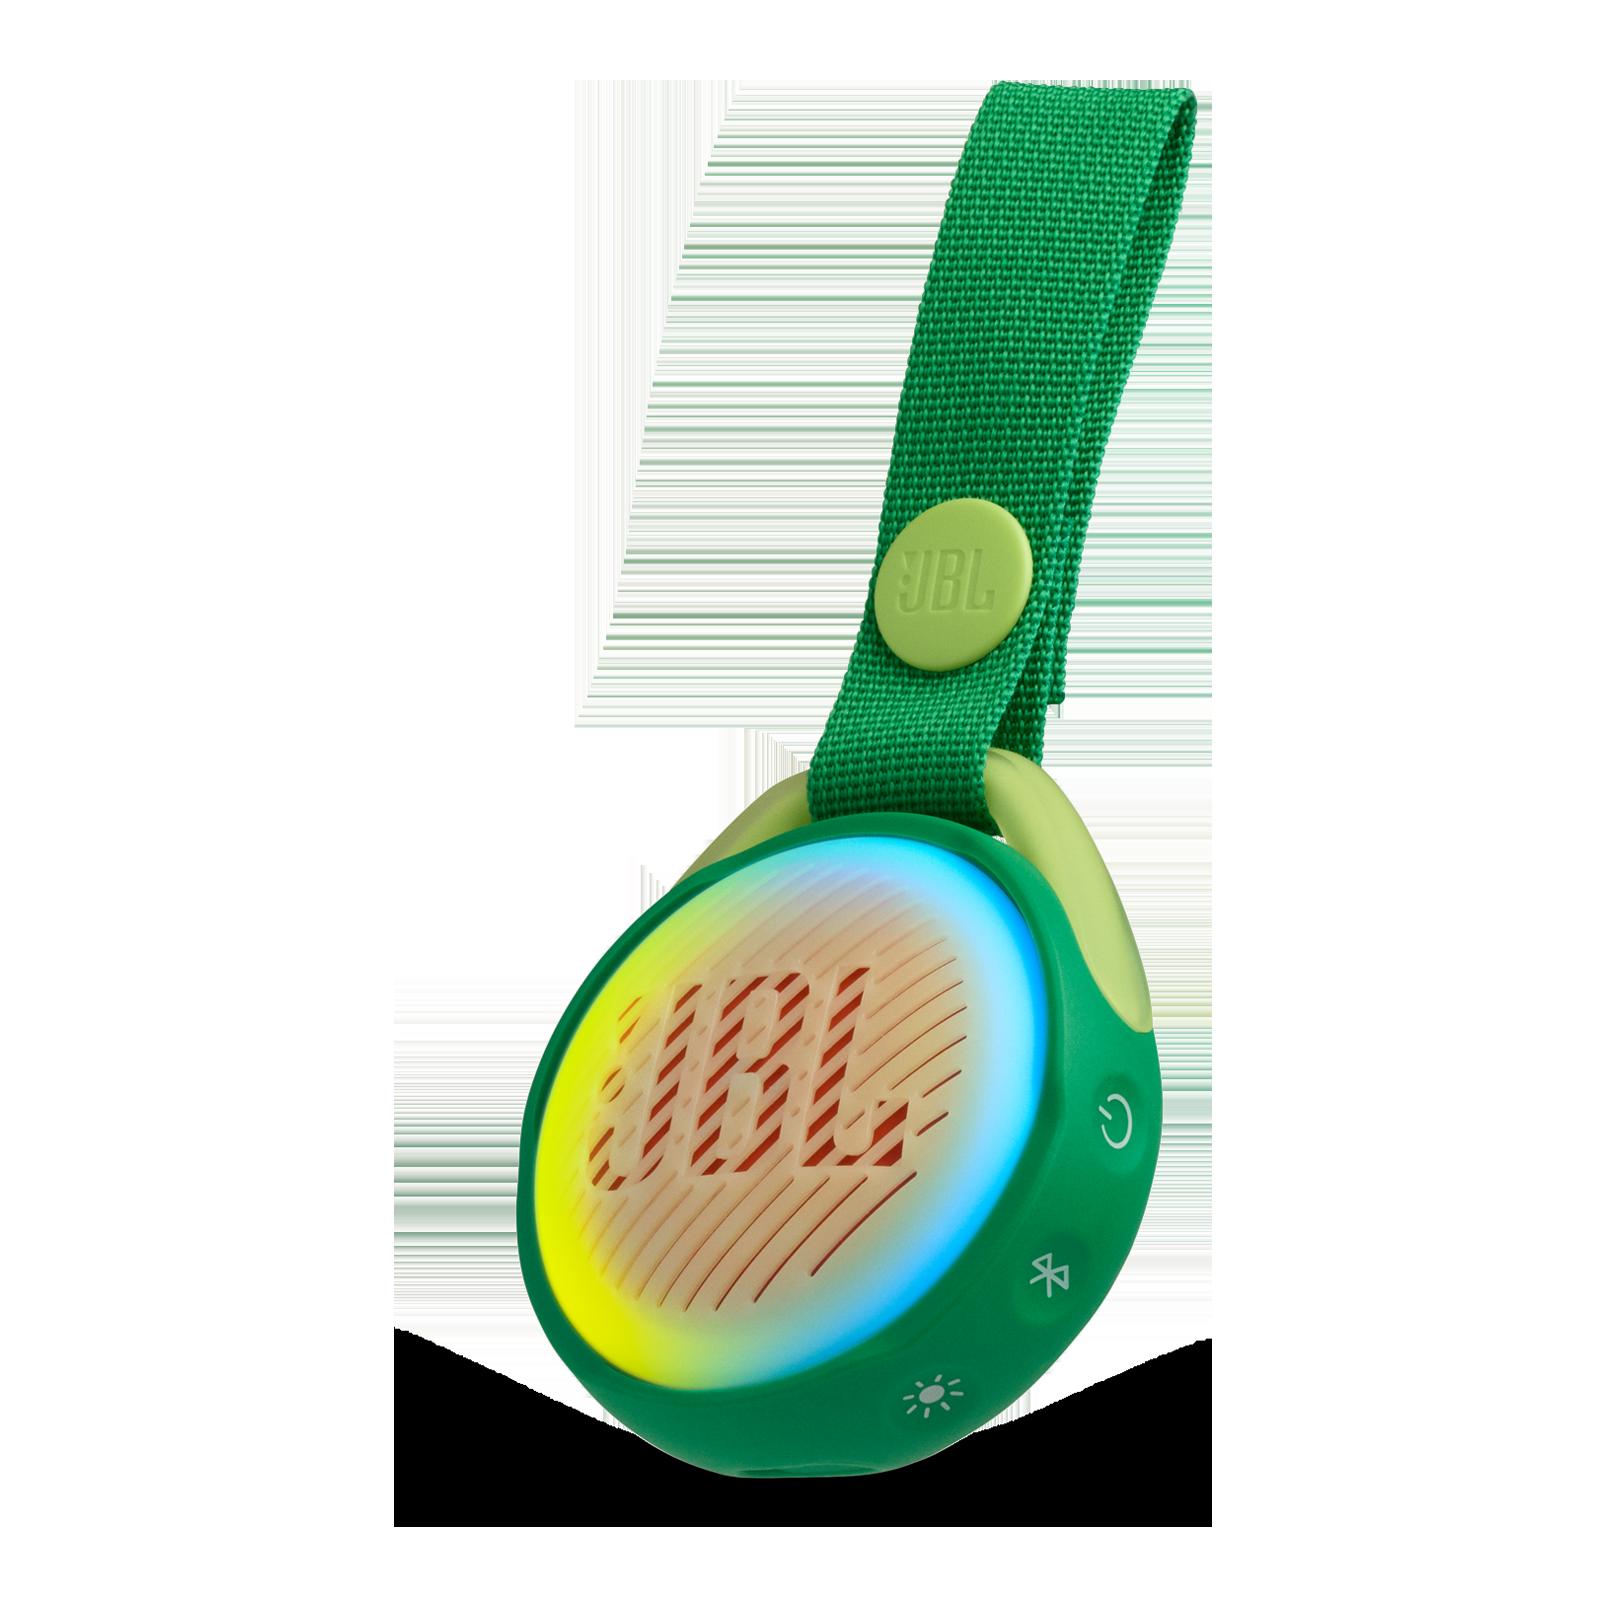 JBL JR POP - Froggy Green - Portable speaker for kids - Hero